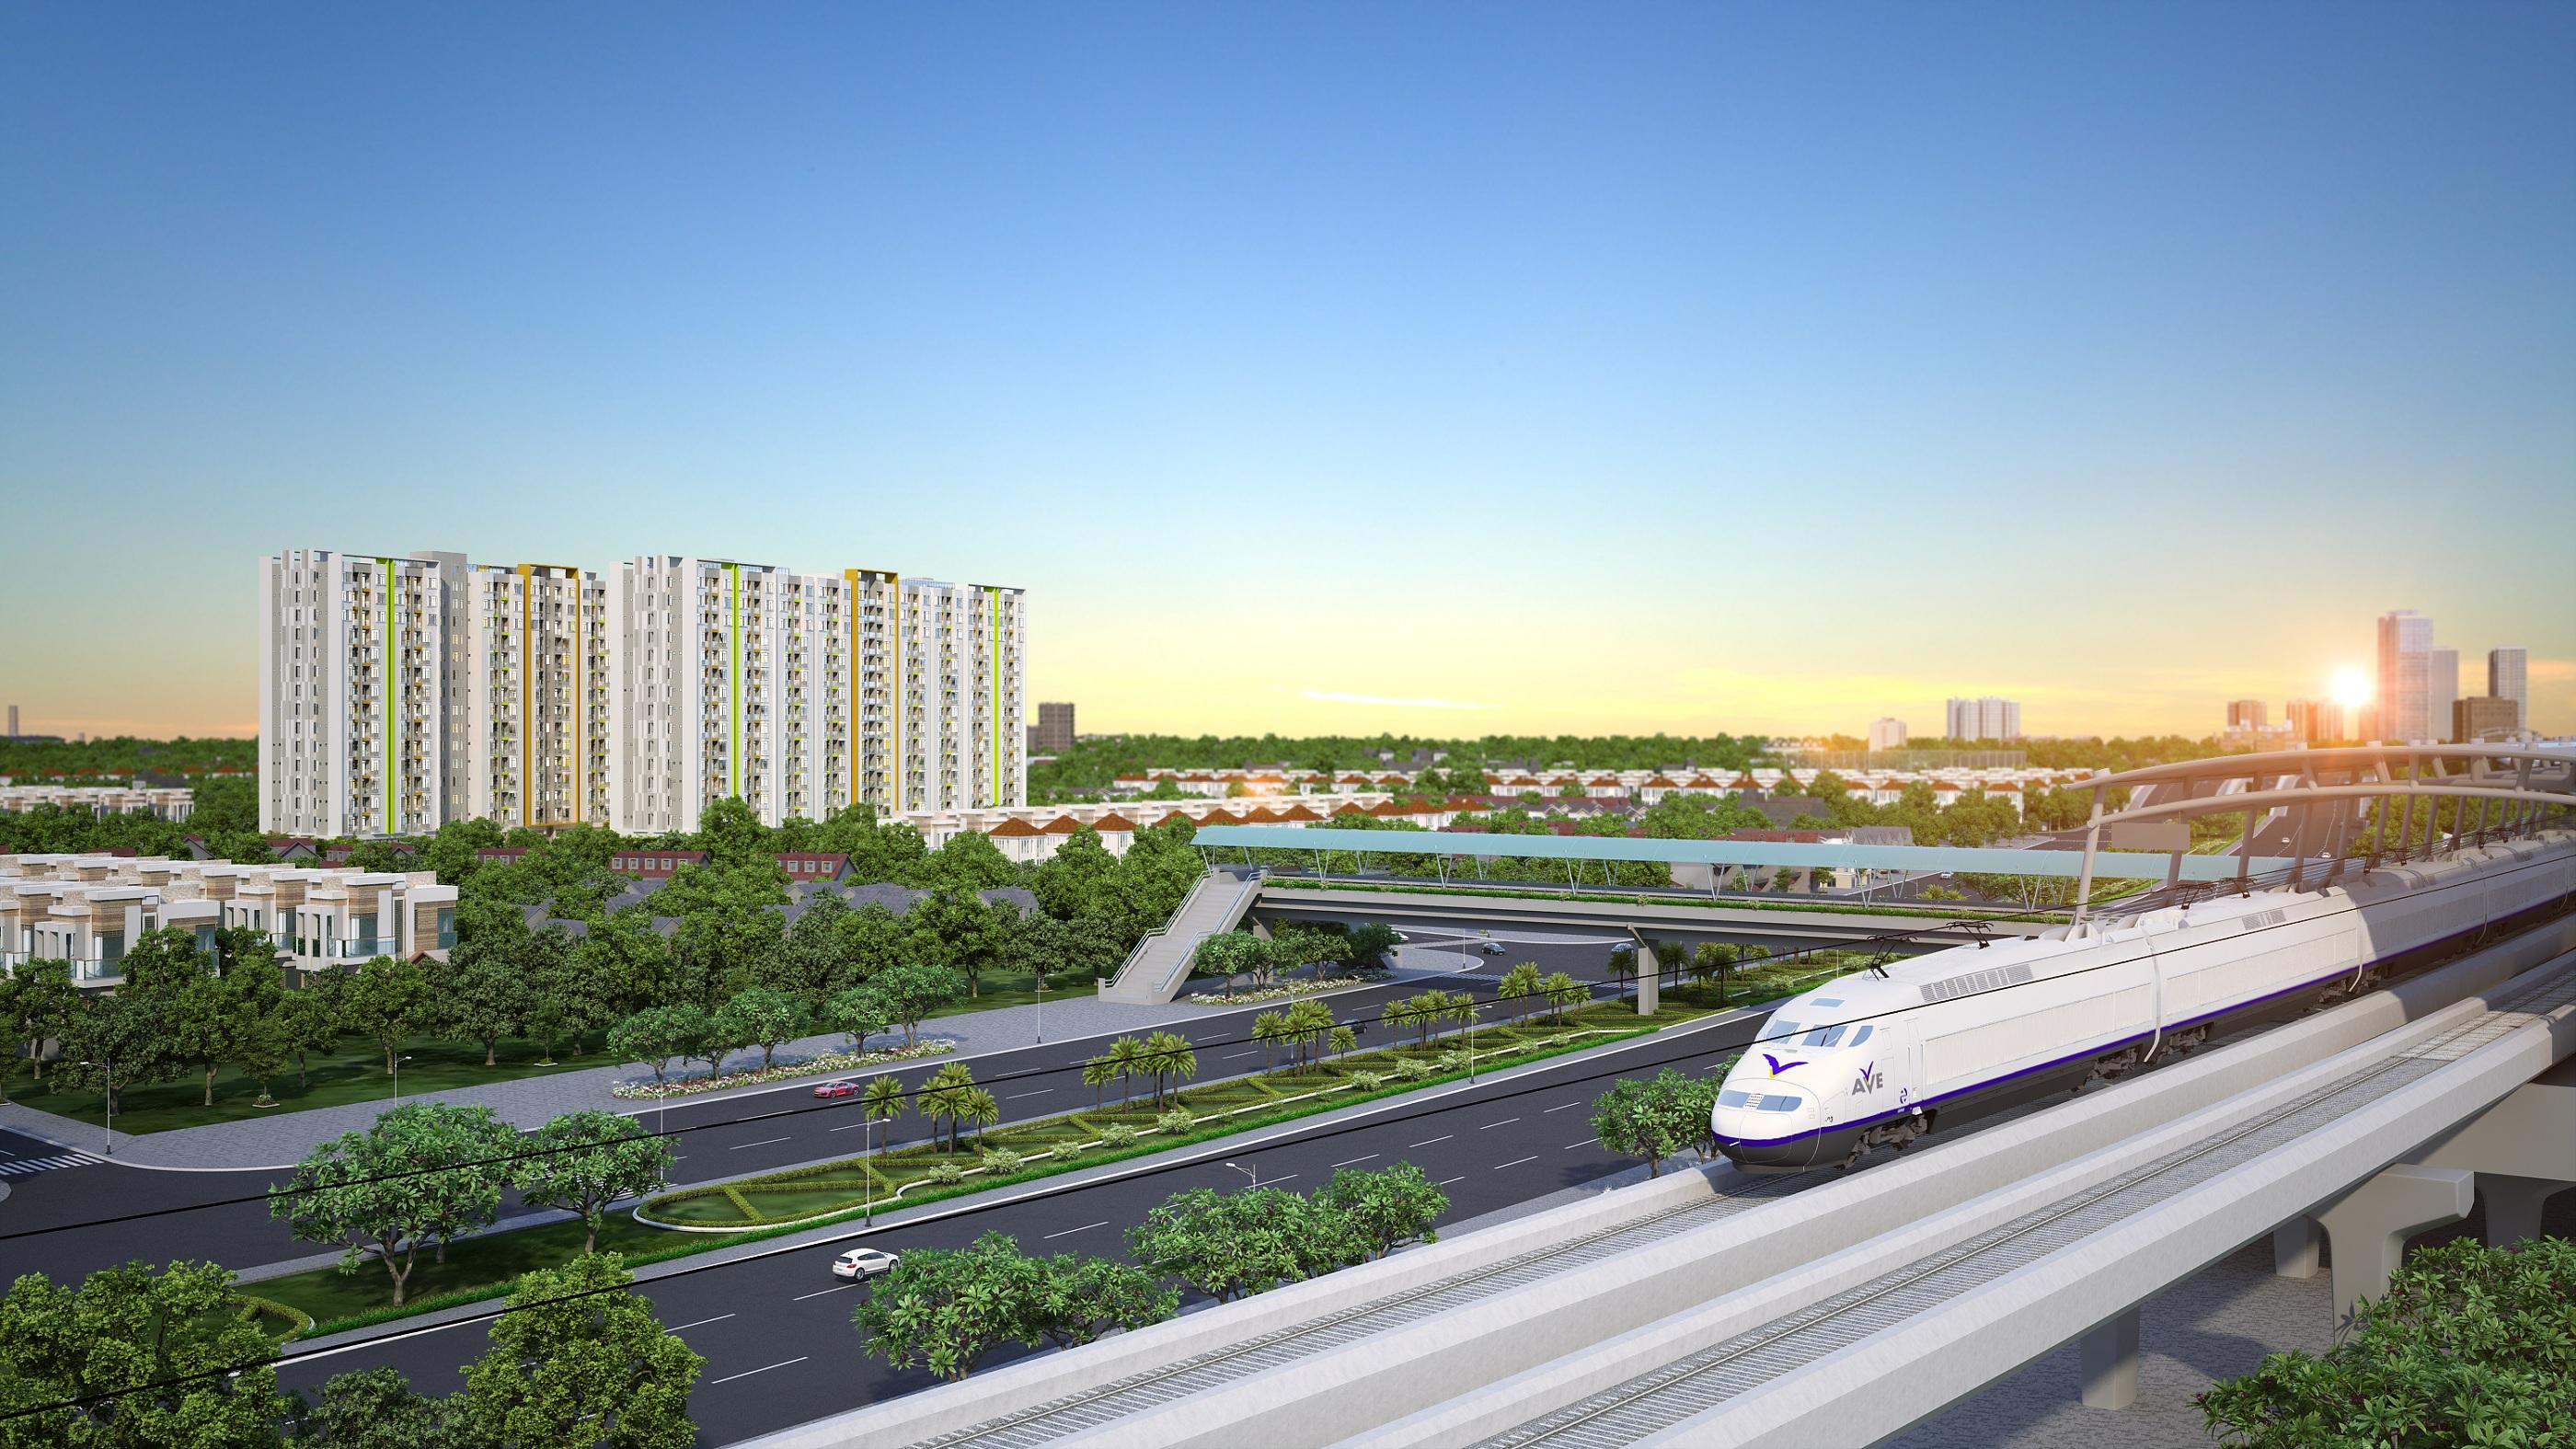 Him Lam Phú An nằm cách Ga số 9 tuyến Metro Bến Thành - Suối Tiên chỉ 3 phút đi bộ, nhưng giá bán vừa phải chỉ 1,65 - 1,85 tỷ đồng/2 Phòng ngủ.